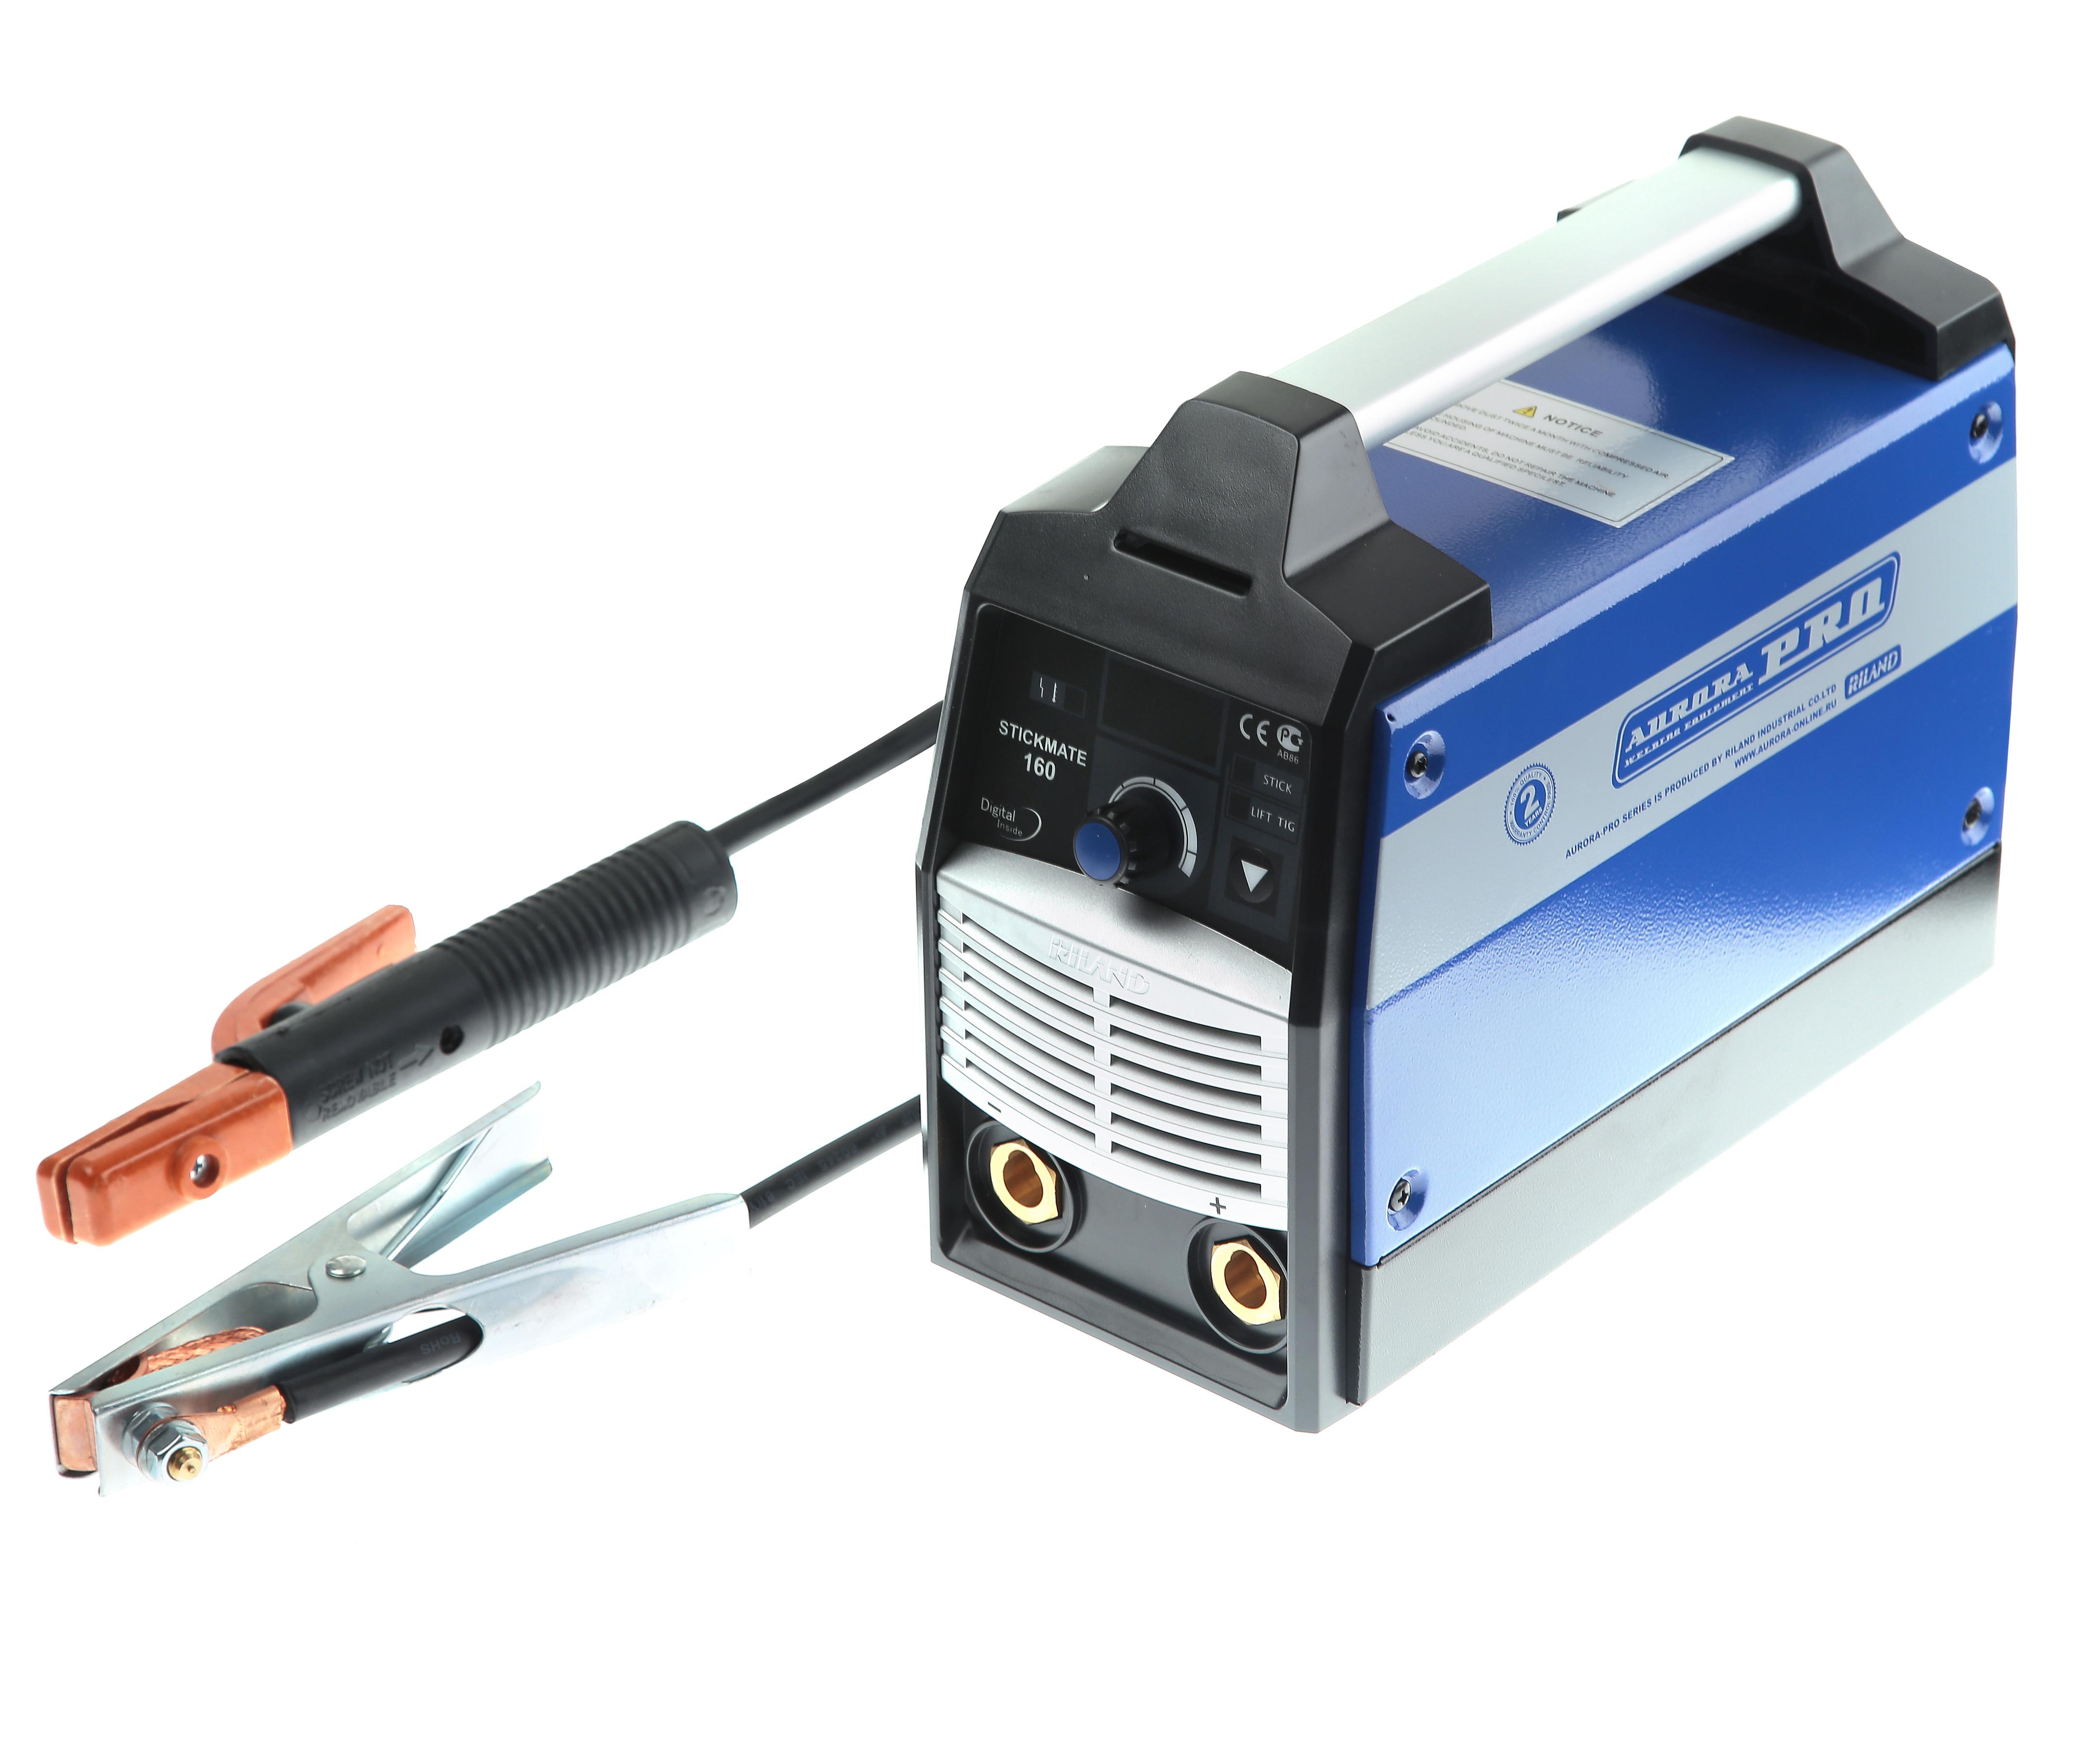 Сварочный инвертор Aurora pro Stickmate 160 igbt сварочный инвертор rucelf igbt 160 00002052